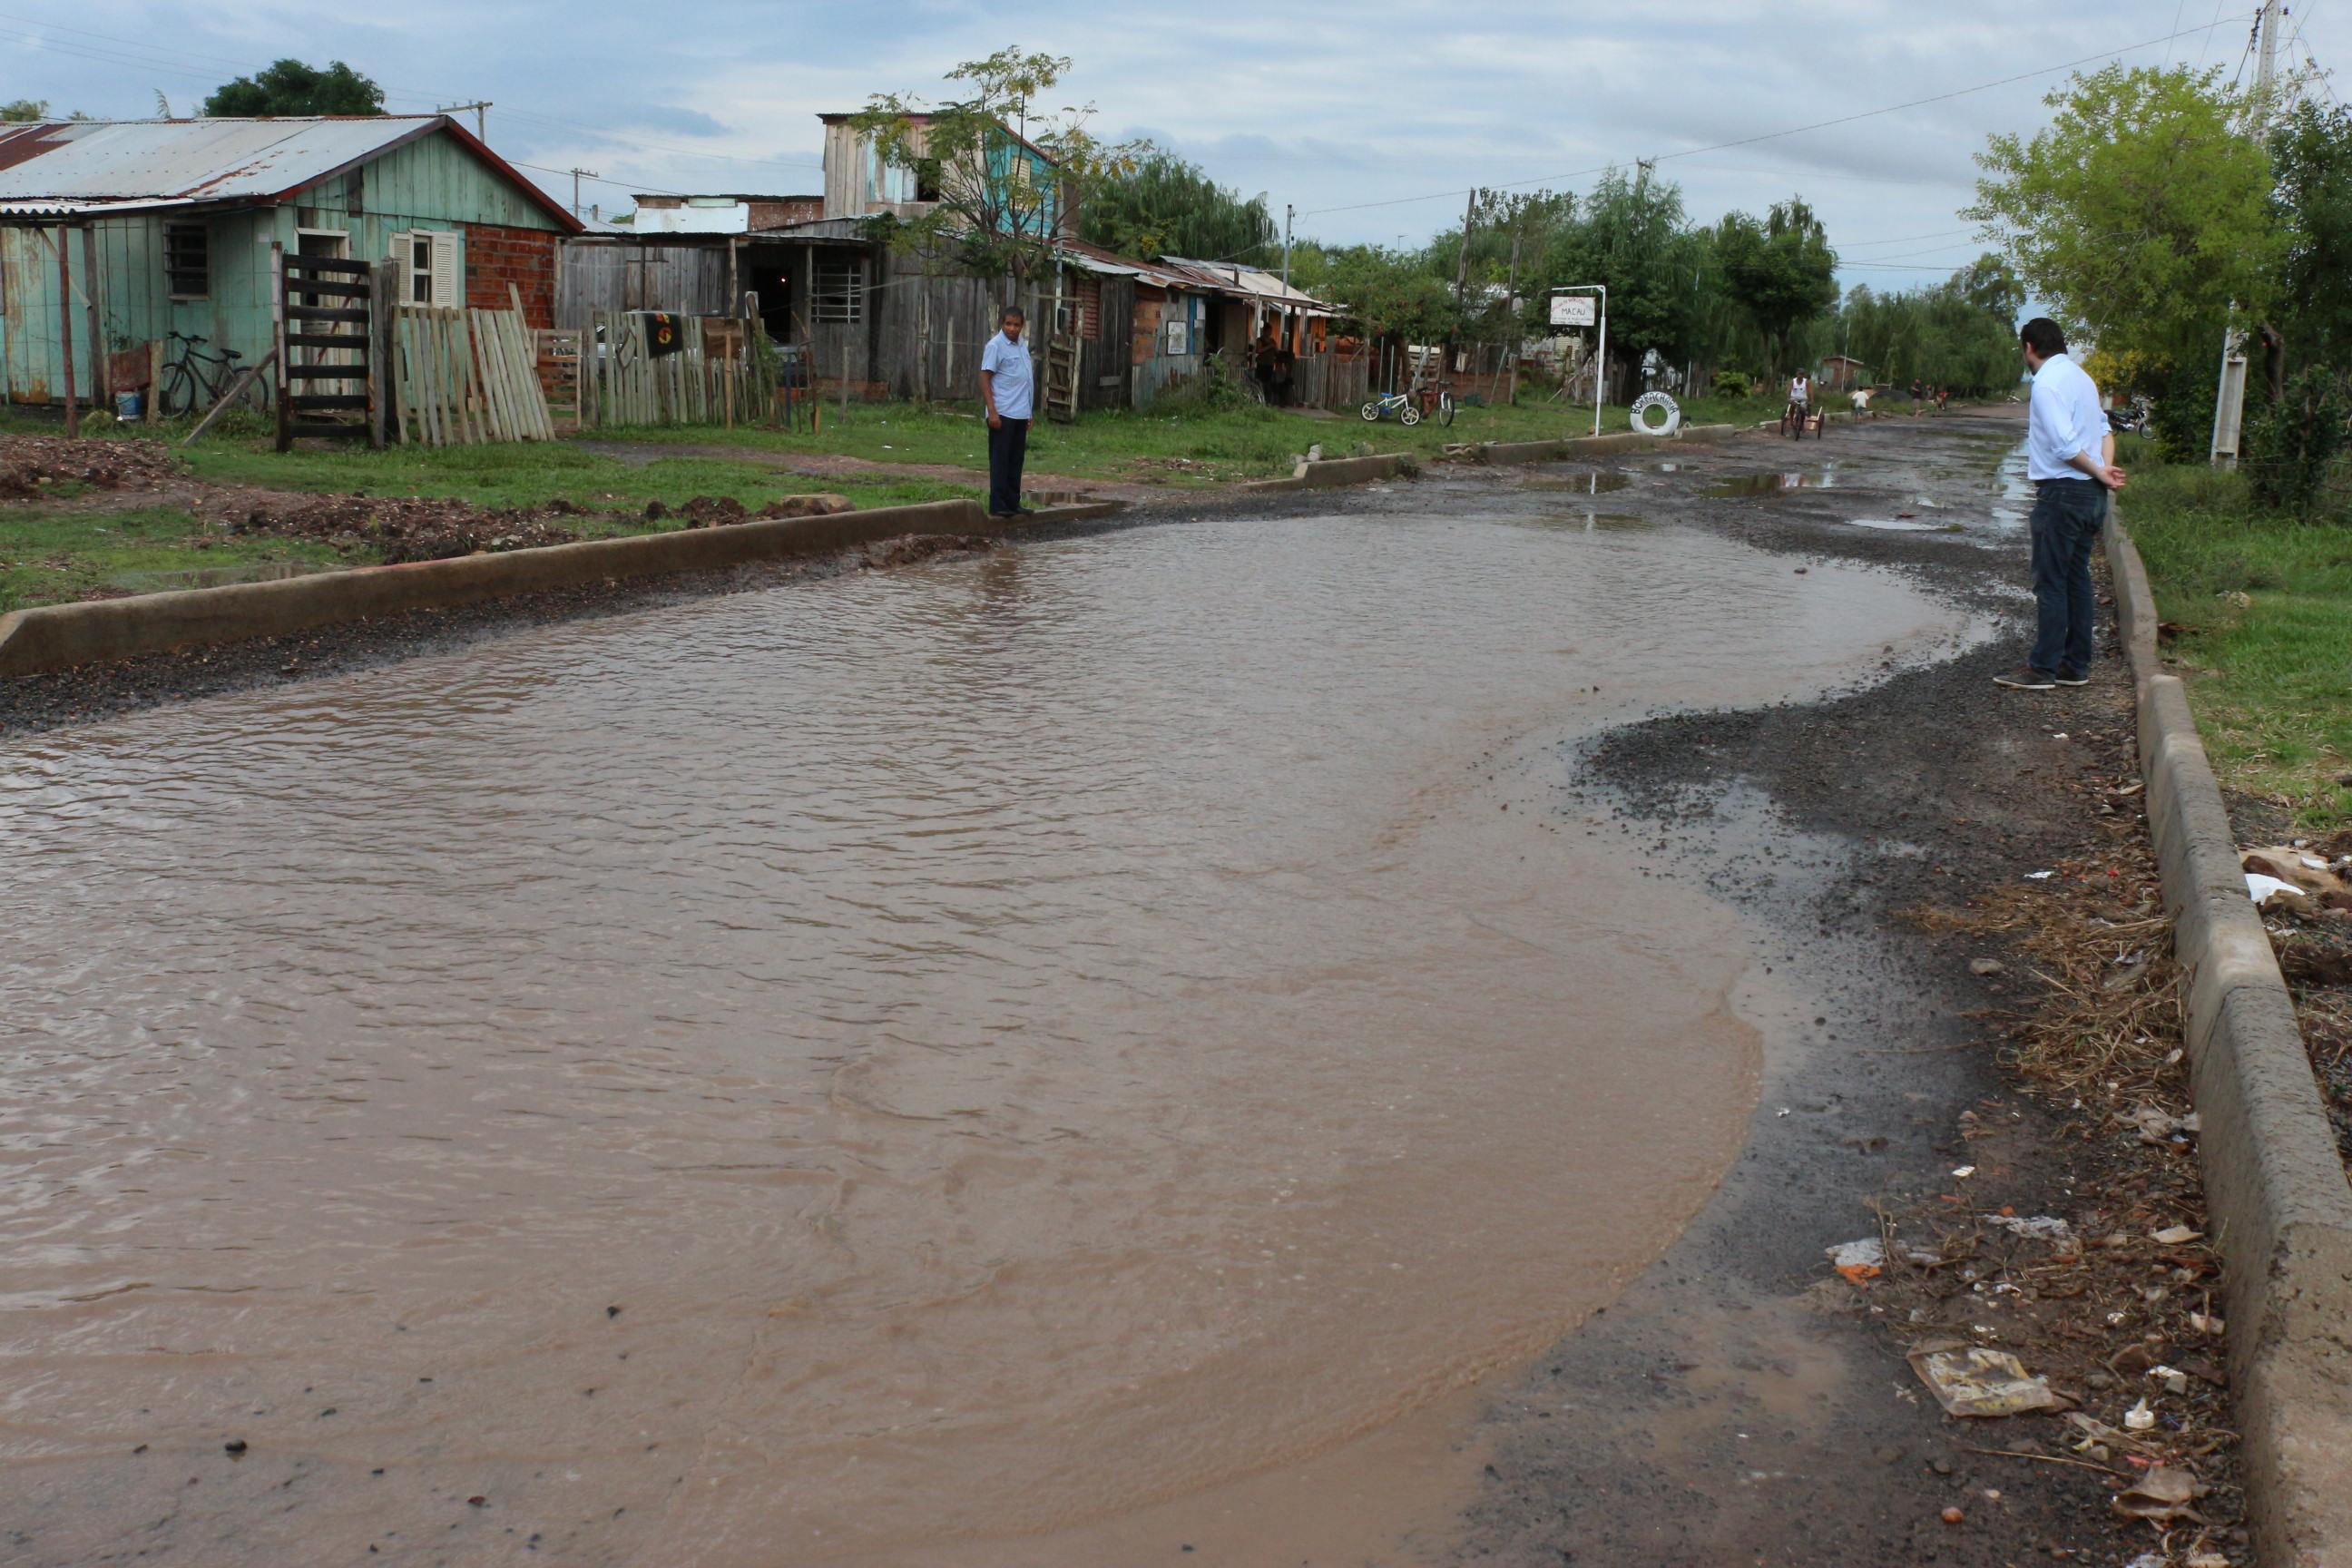 Comissão confere intrafegabilidade nos bairros em dias de chuva